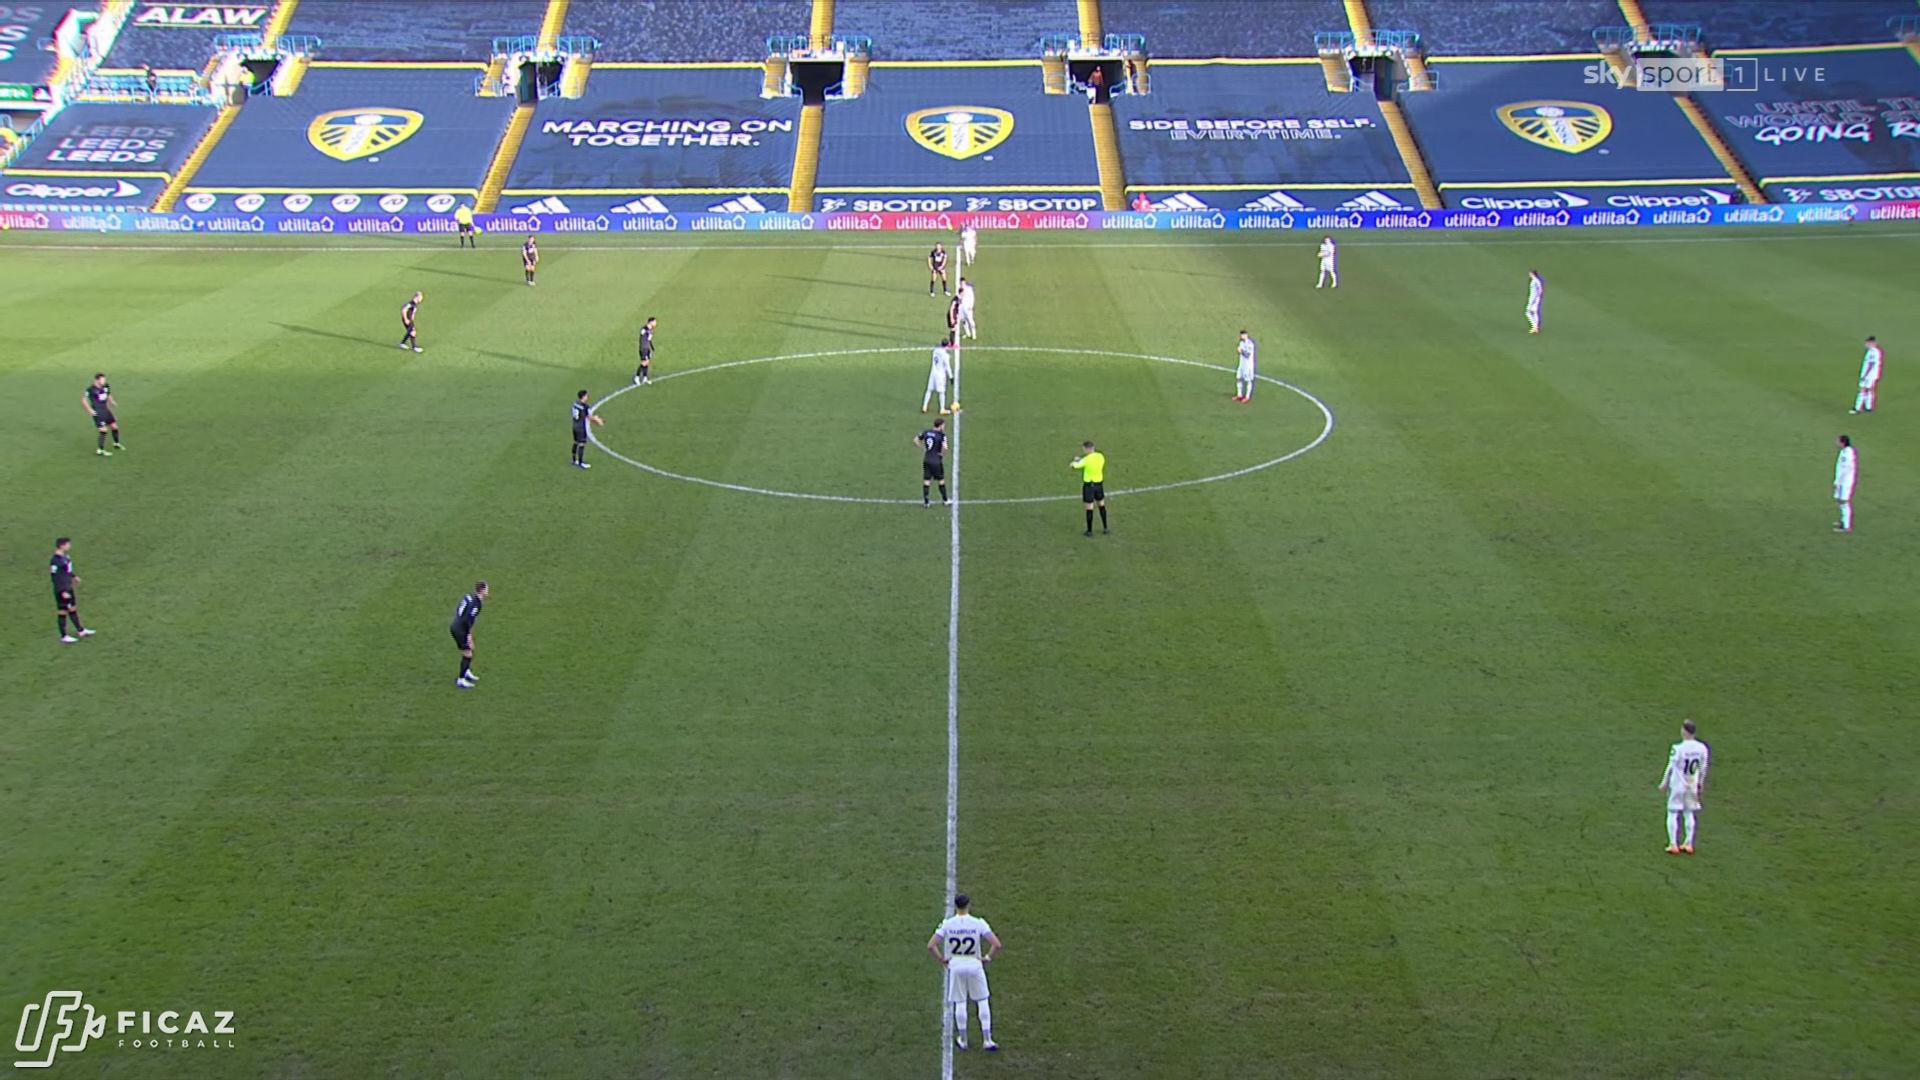 Leeds United - Main